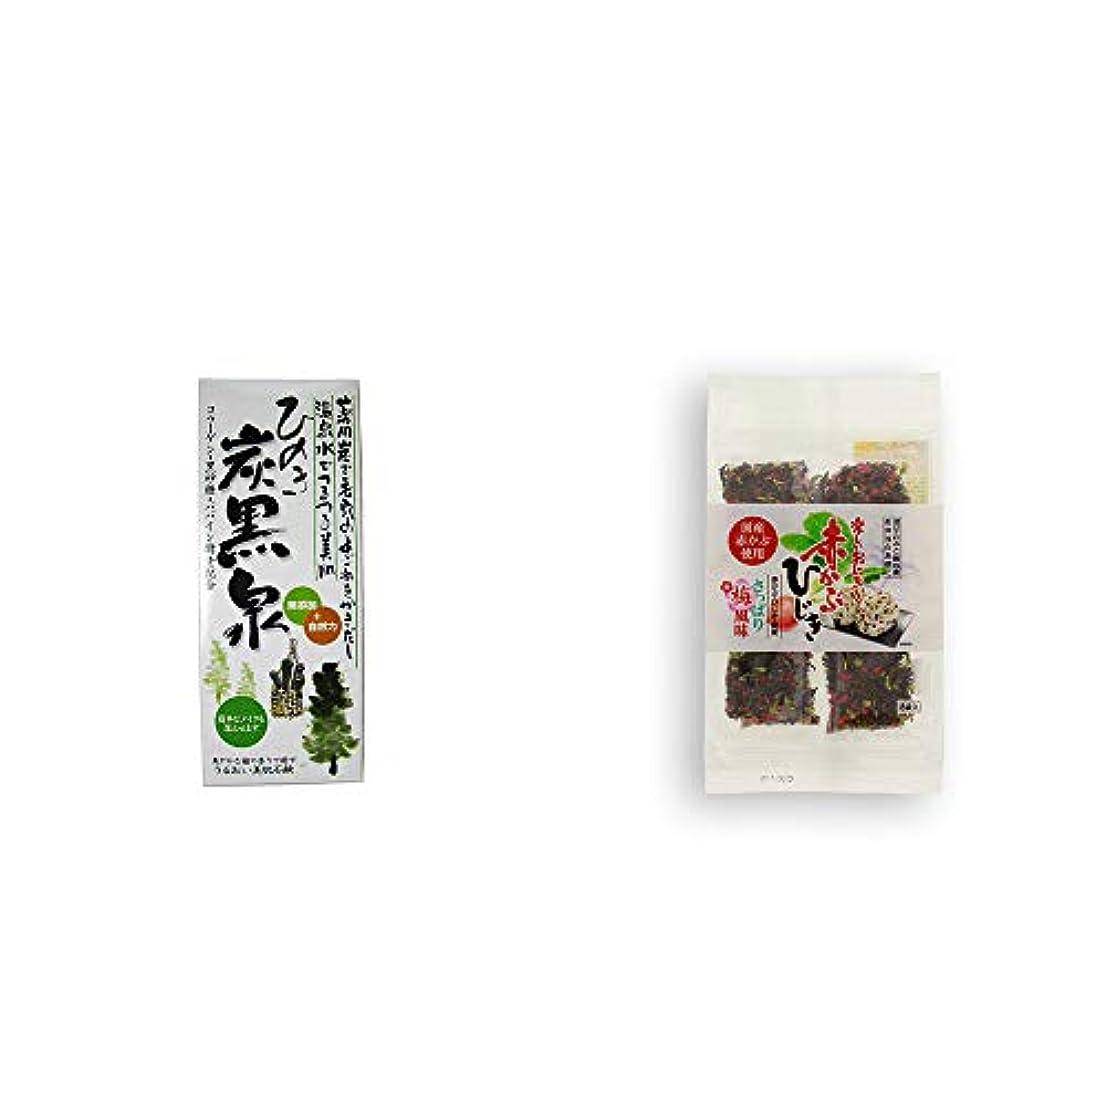 エラーマインドフルモチーフ[2点セット] ひのき炭黒泉 箱入り(75g×3)?楽しいおにぎり 赤かぶひじき(8g×8袋)